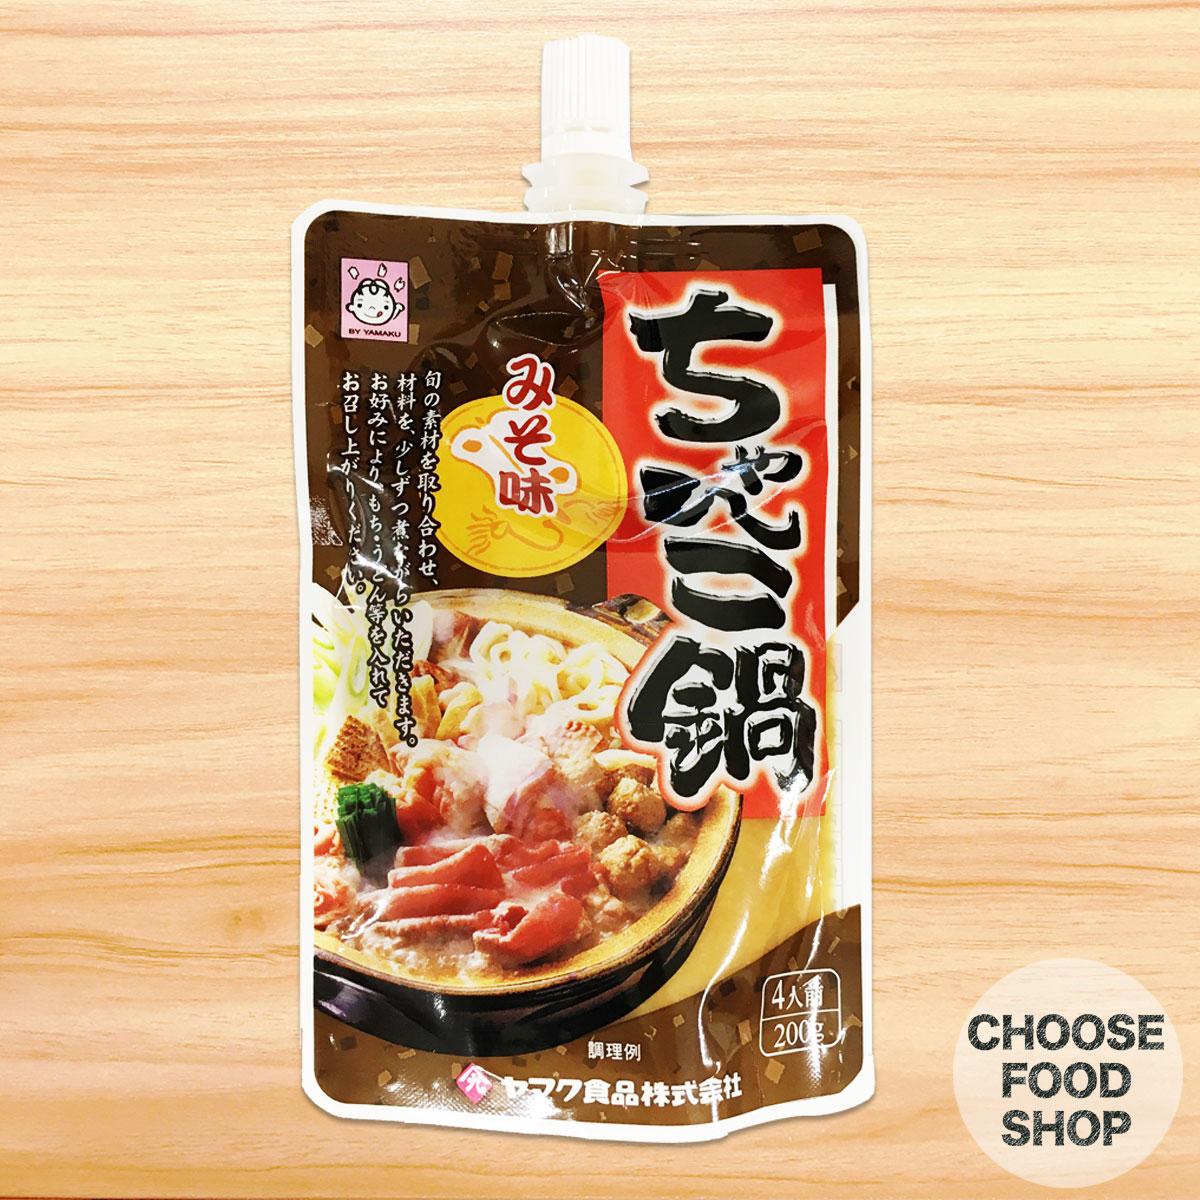 【5点購入で送料無料】ちゃんこ鍋の素 みそ味 濃縮タイプ 200g 4人前×1袋 ヤマク食品